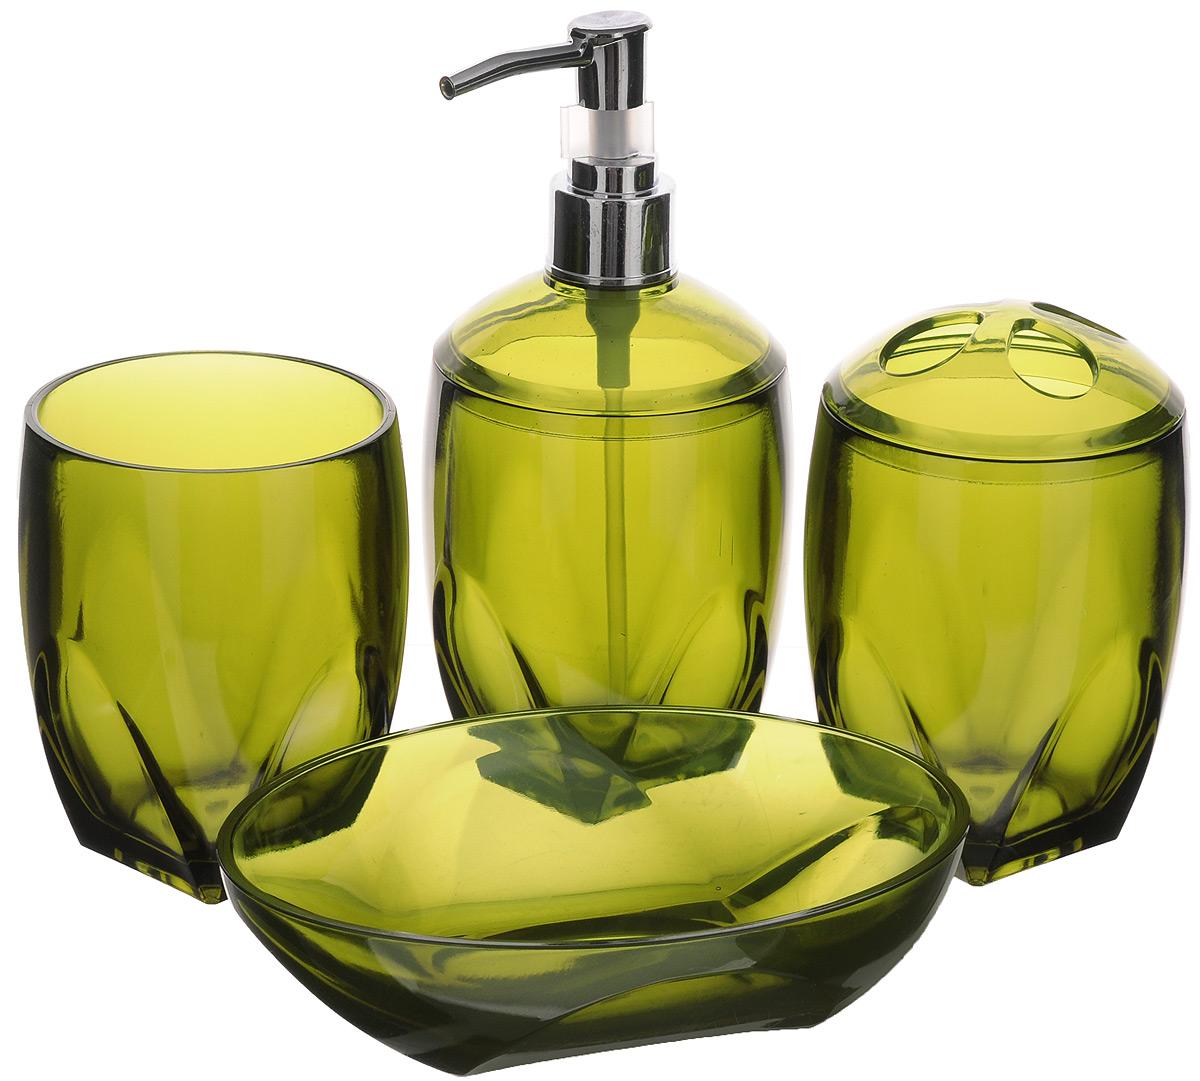 Набор для ванной комнаты Aqva Line Олива, 4 предмета10503Набор для ванной комнаты Aqua Line Олива включает стакан,подставку для зубных щеток, мыльницу и диспенсер для жидкогомыла с металлическим дозатором. Набор выполнен из прочного цветного пластика высокого качества. Все элементы выдержаны в одном стиле, что позволяет создать вванной комнате стильный и оригинальный функционально-декоративный ансамбль. Такой набор аксессуаров придаст интерьерувашей ванной комнаты элегантность и современность. Размер мыльницы: 15 х 11 х 4 см. Размер стакана/подставки: 7,5 х 7,5 х 10 см. Размеры диспенсера: 7,5 х 7,5 х 17 см.